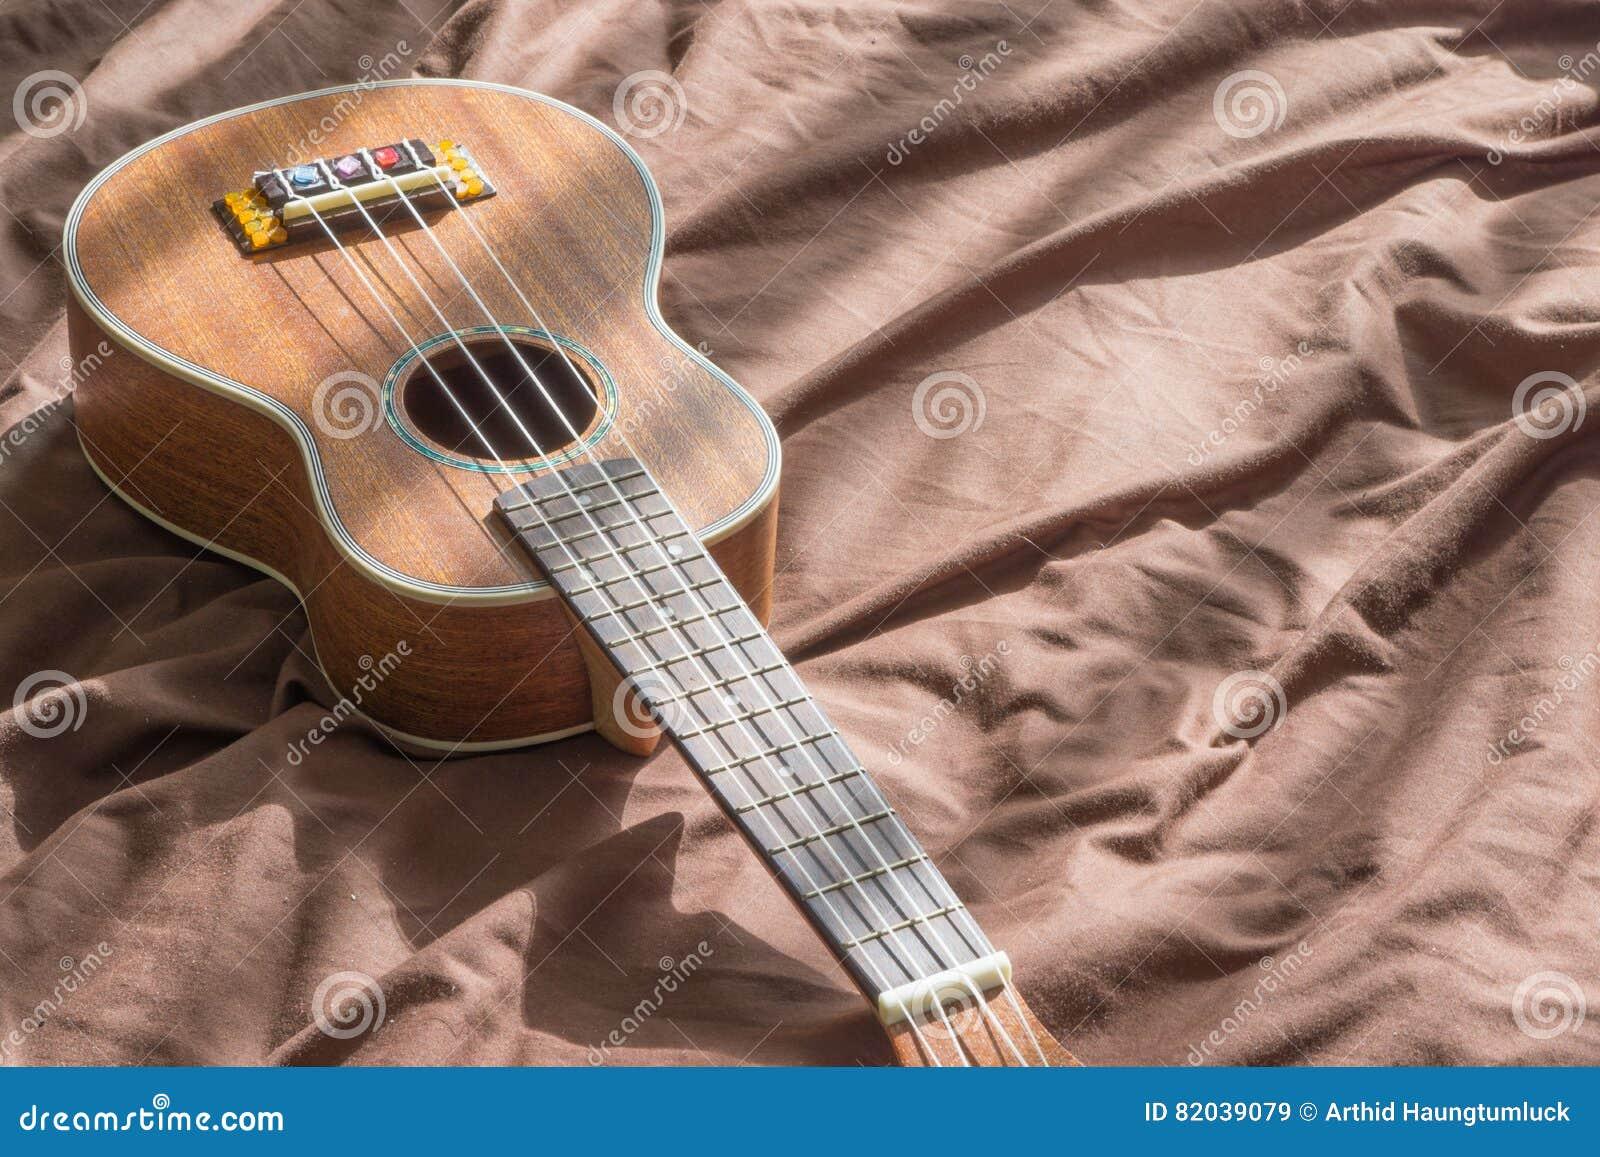 Playing Guitar Or Ukulele Chord Stock Image Image Of Musical